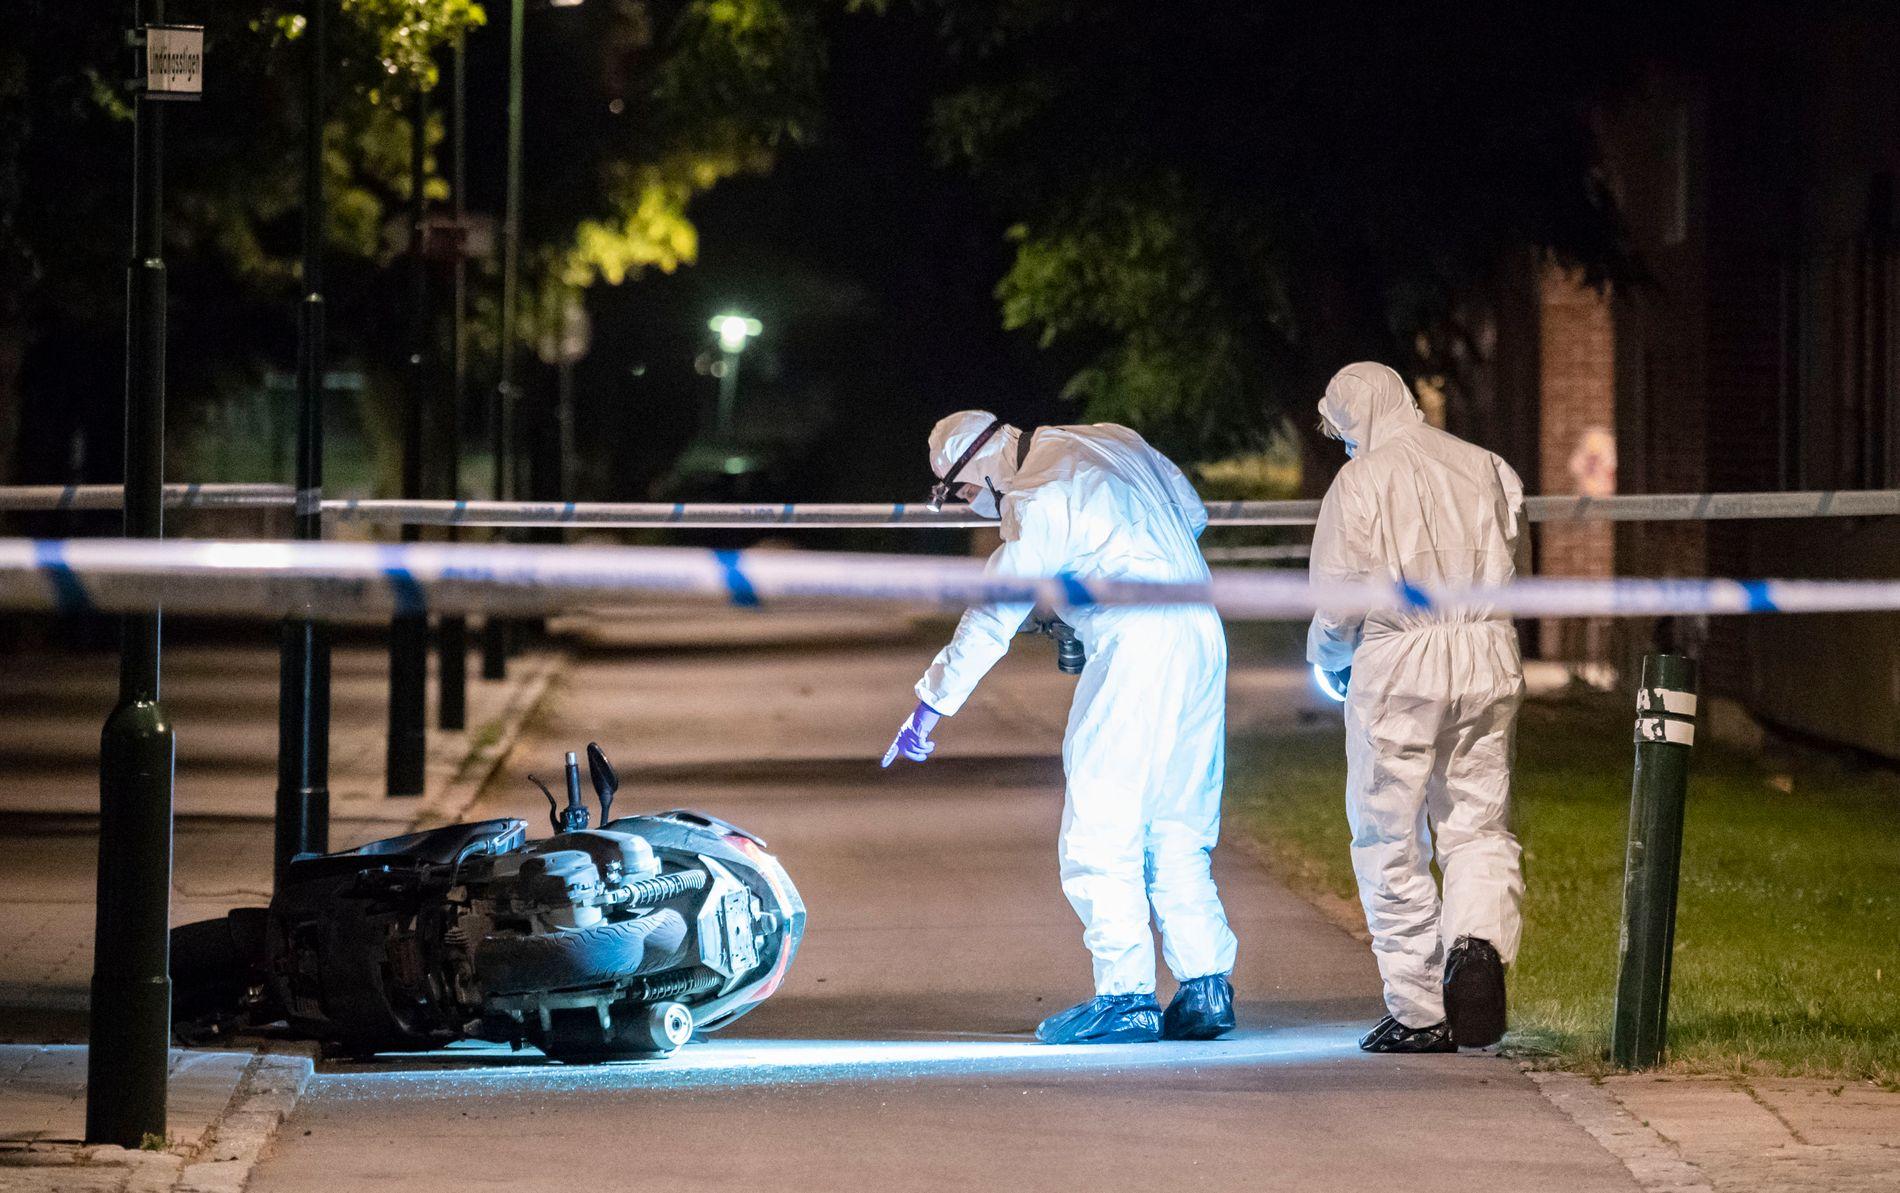 ETTERFORSKER: Politiets krimteknikere undersøkte natt til fredag en moped ved Lindängsplan i Malmö etter at en 24 år gammel mann ble skutt og drept.